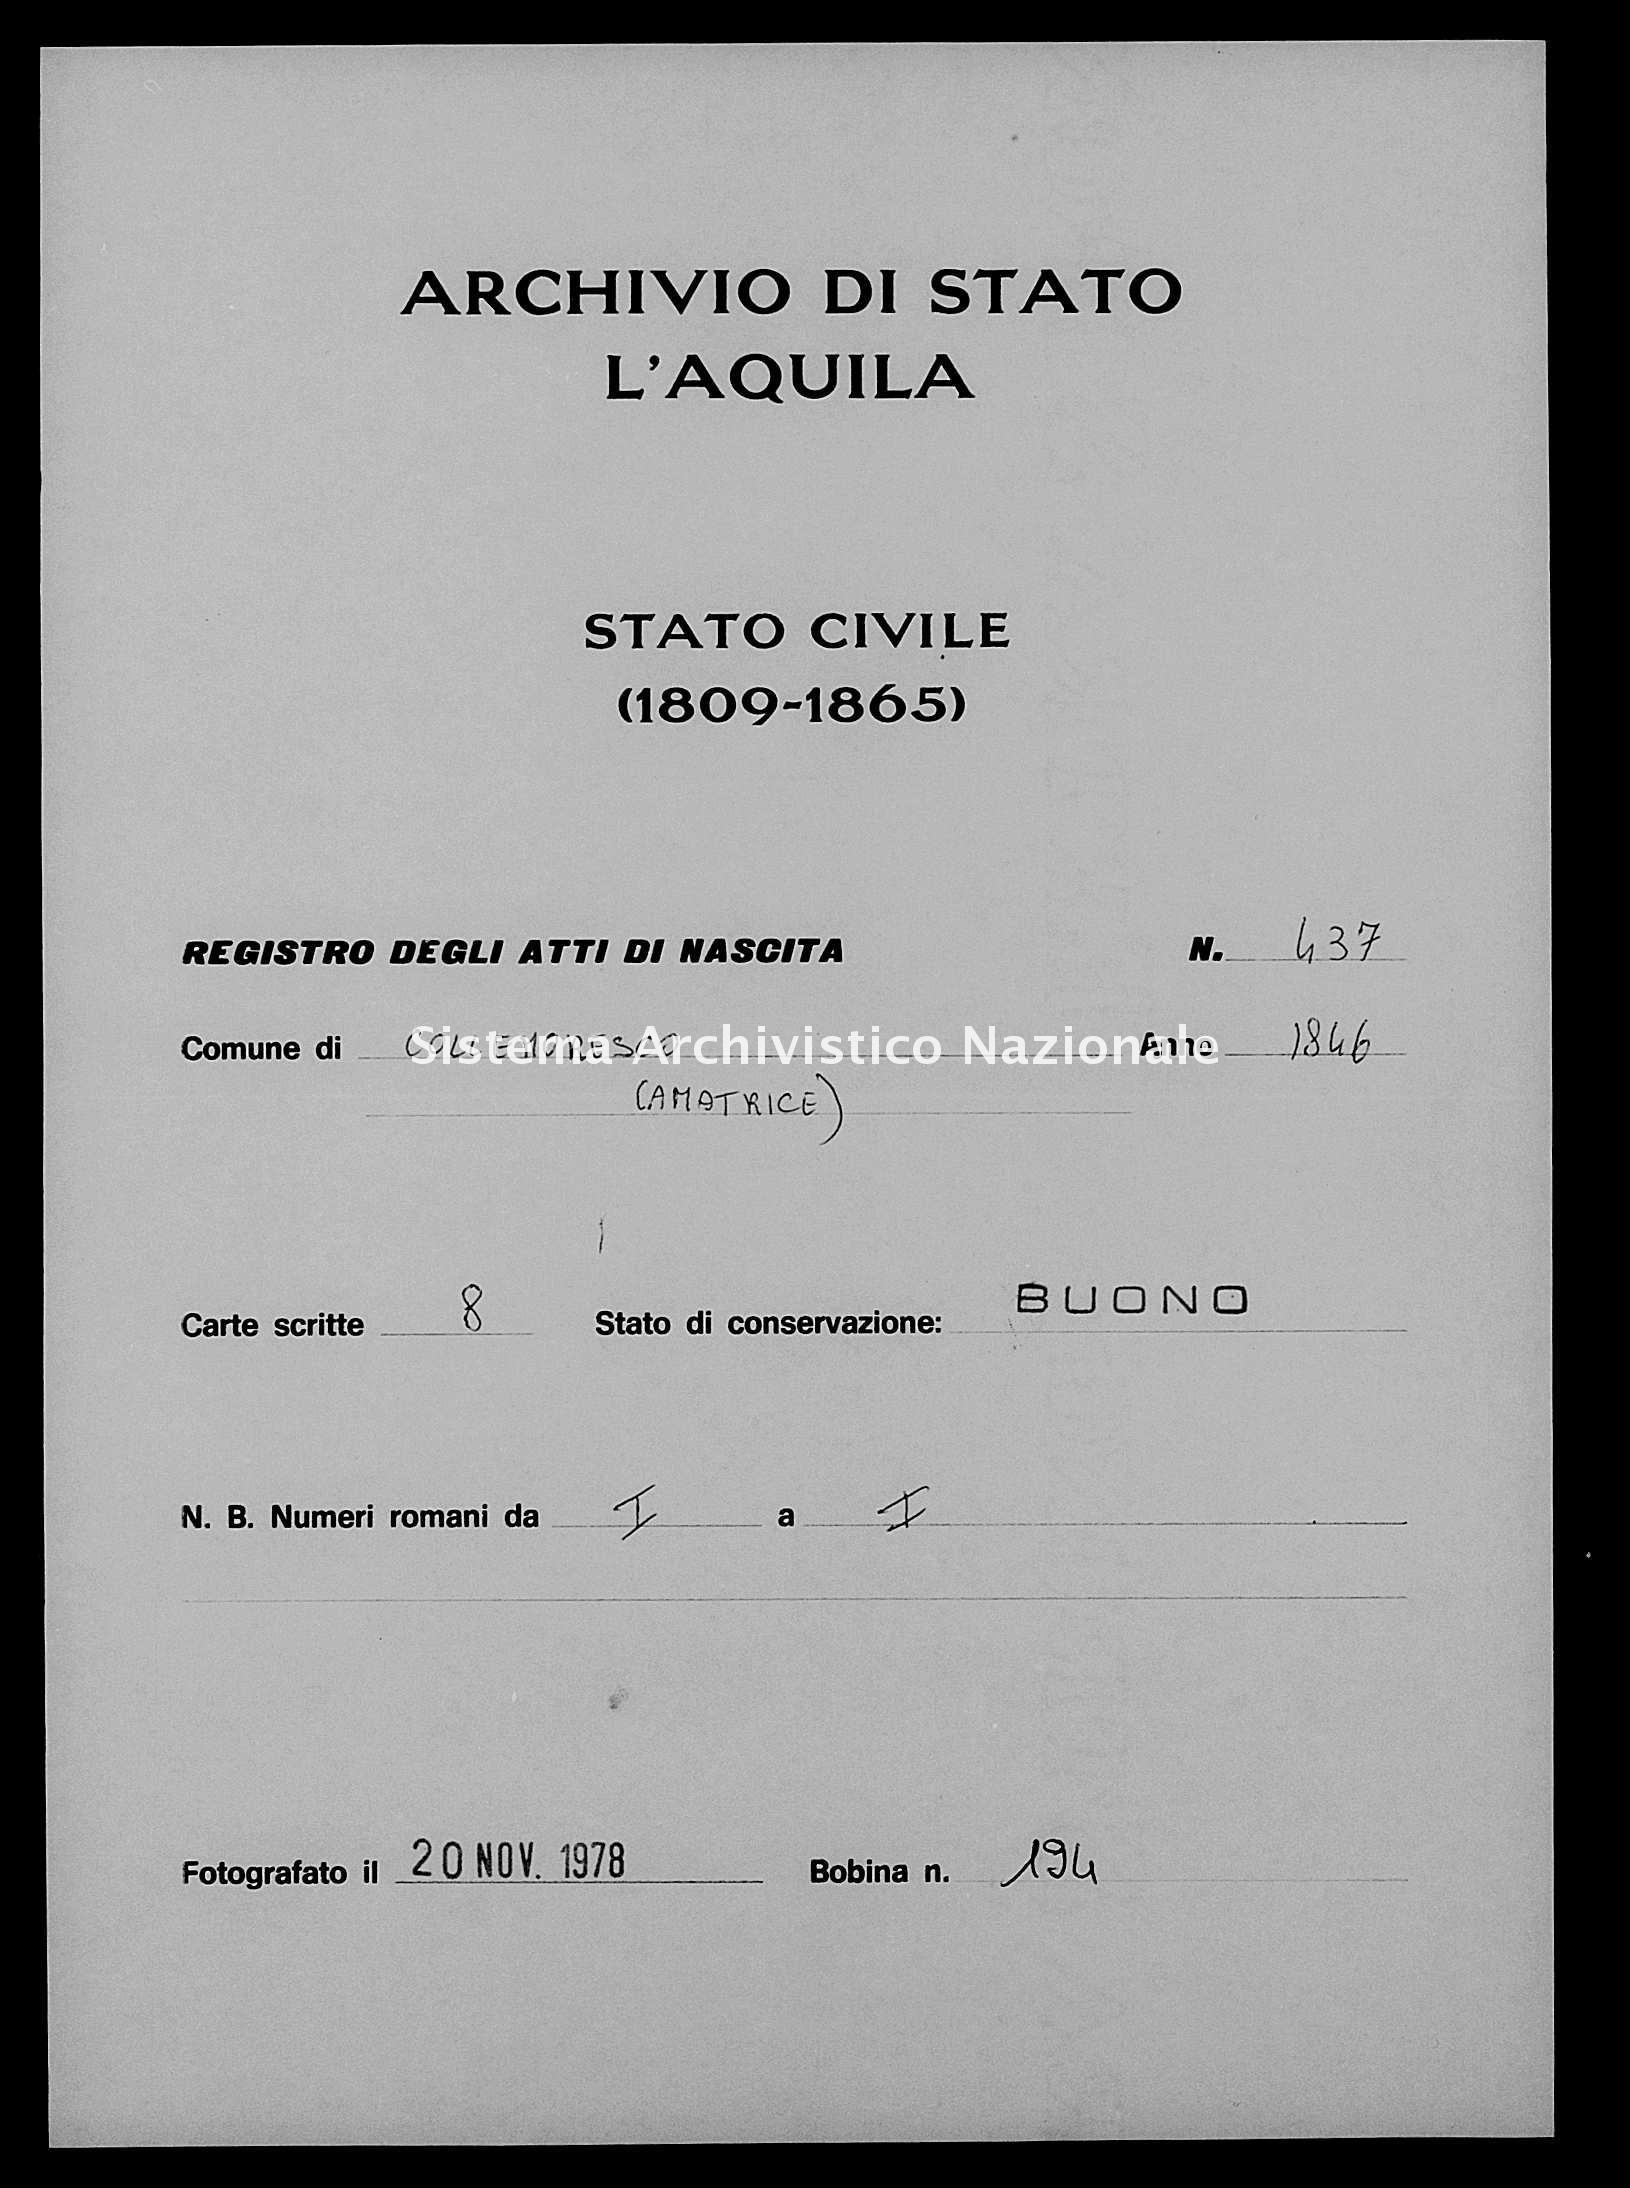 Archivio di stato di L'aquila - Stato civile della restaurazione - Collemoresco - Nati - 1846 - 437 -